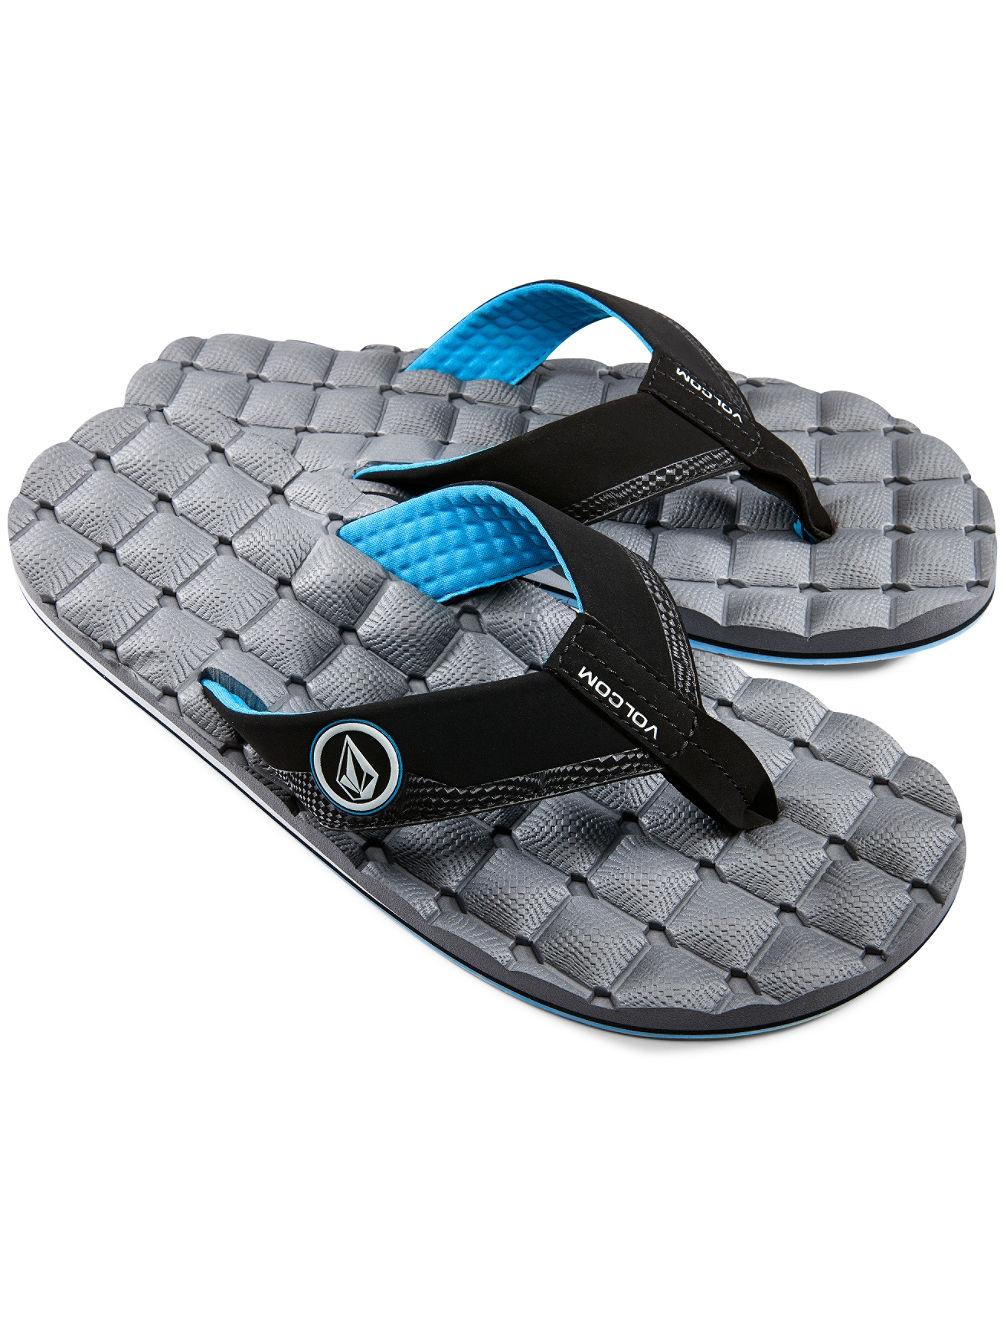 recliner-sandals